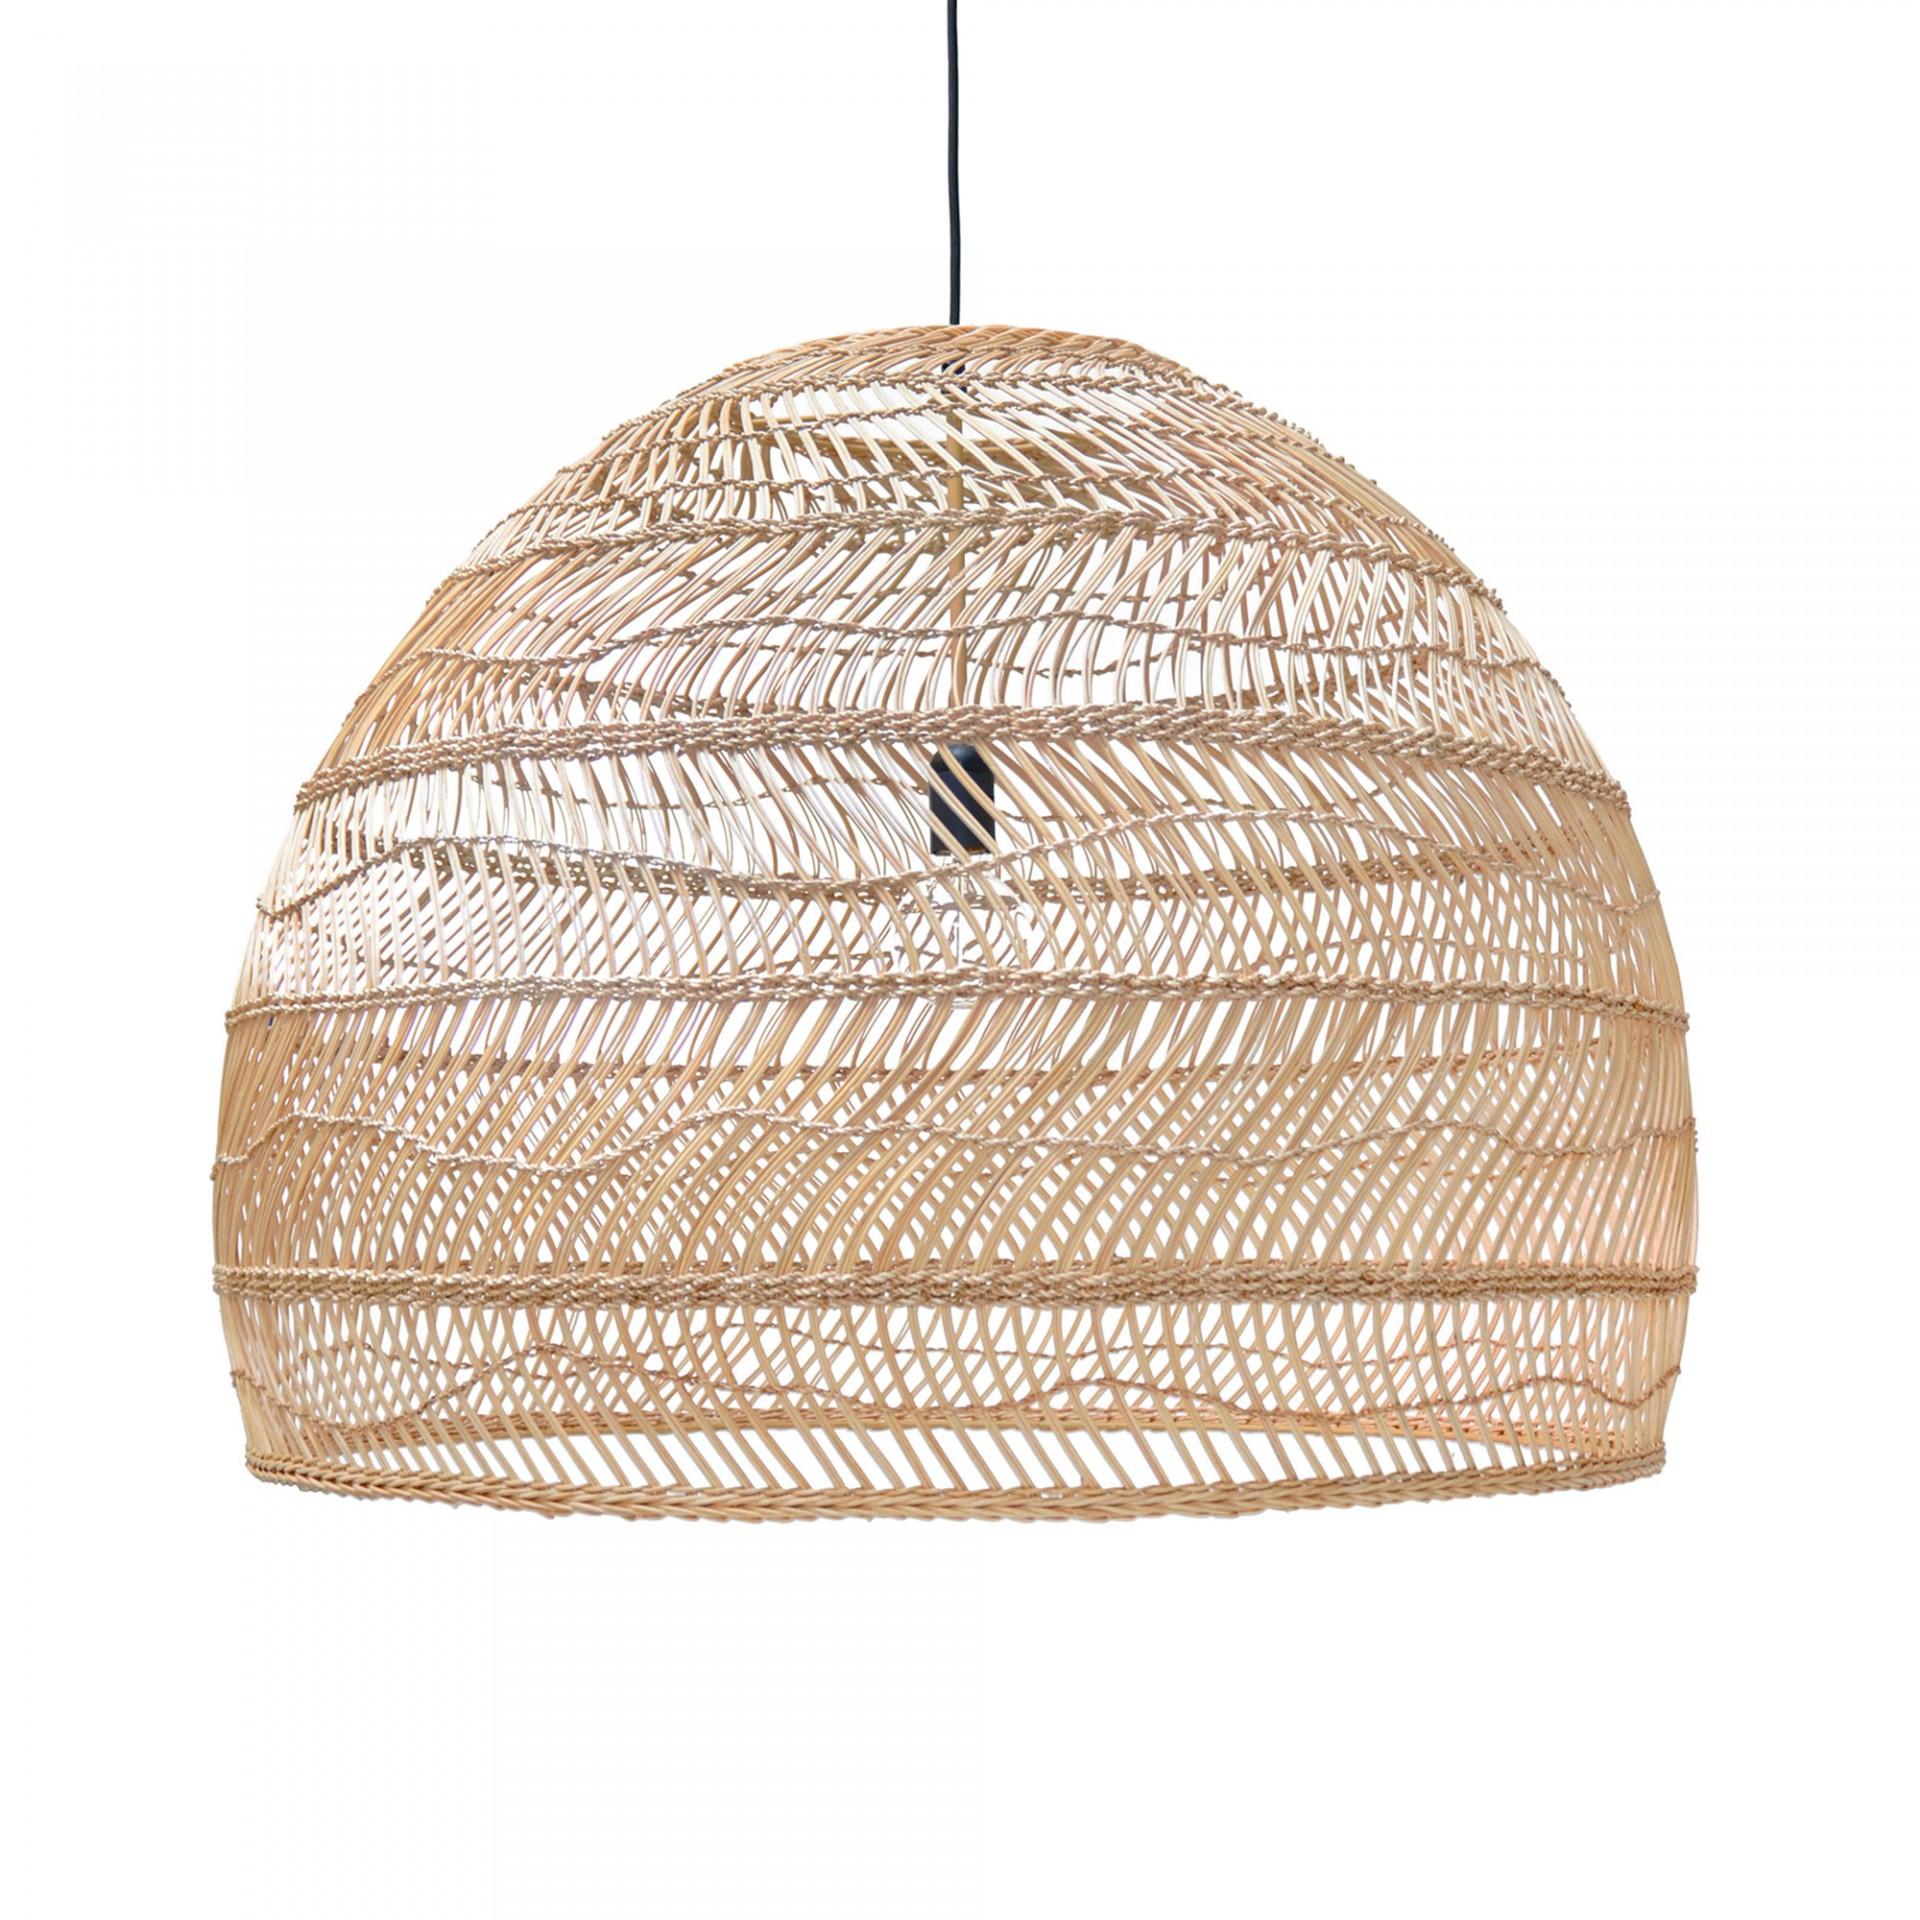 Candeeiro de tecto, vime natural, Ø80x60 cm